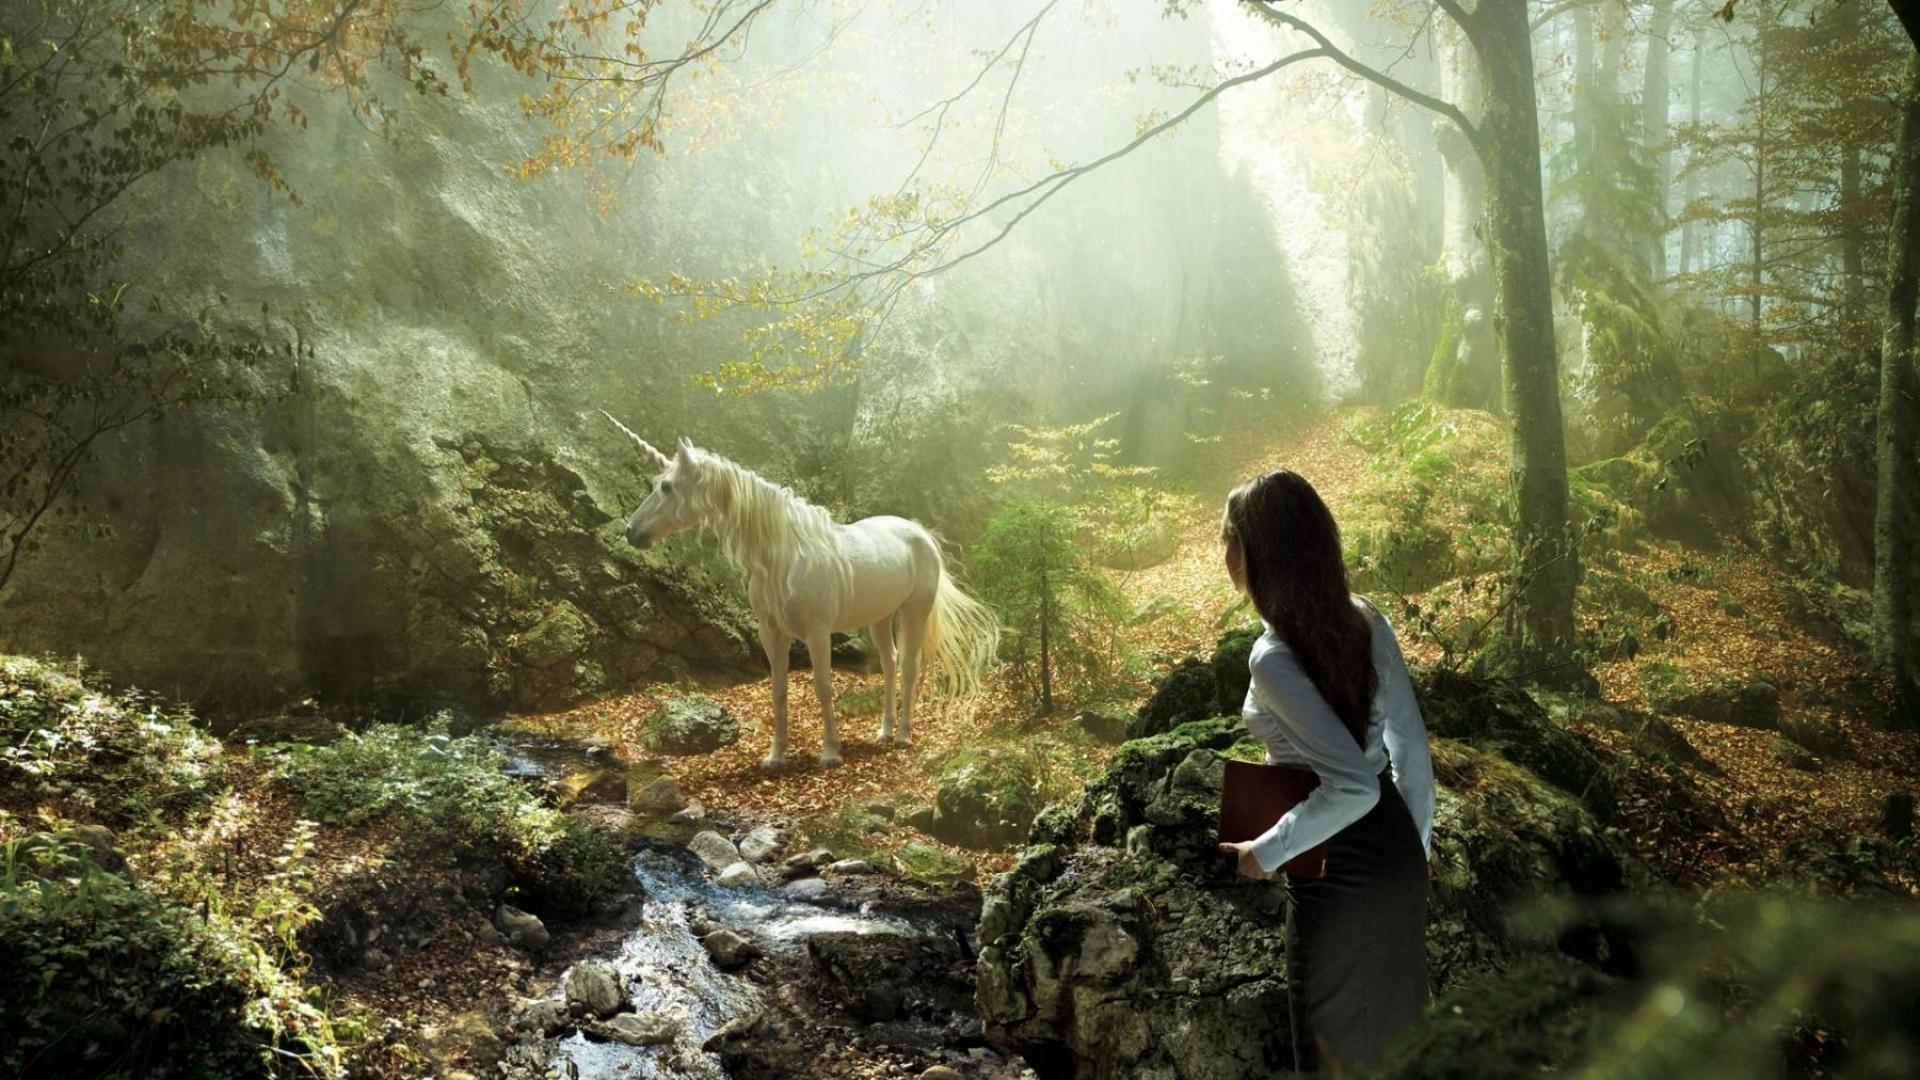 Simple Wallpaper Forest Girl - unicorn_girl_forest_nature_60095_1920x1080  2018_981375 .jpg